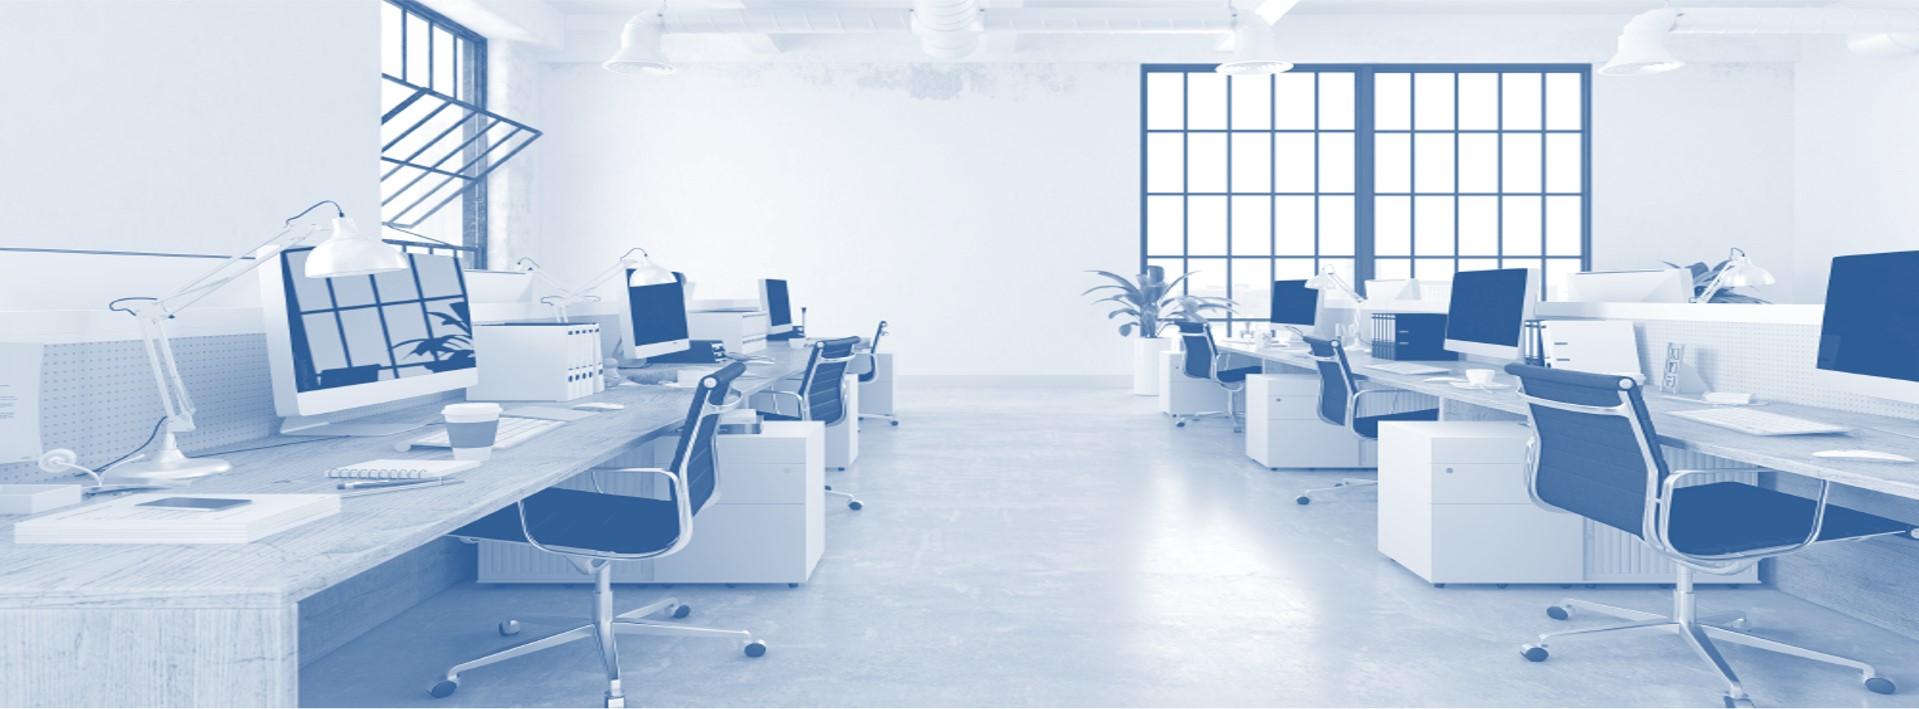 Giải pháp Văn phòng điện tử - E-Office